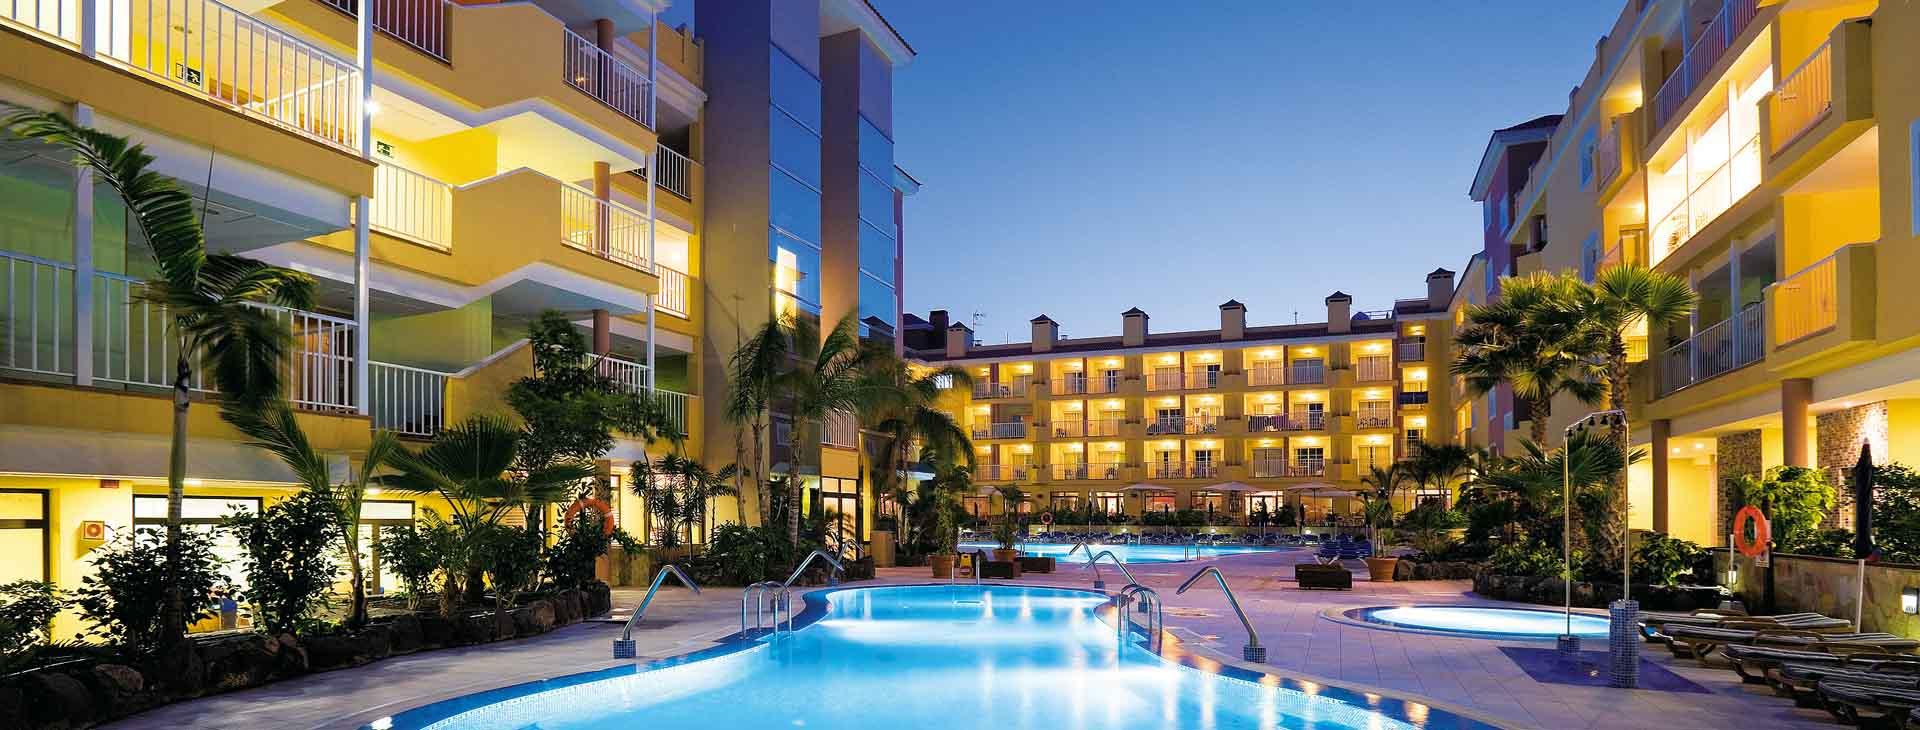 Last Minute KANARY Fuerteventura hotel 3,5* ALL IN